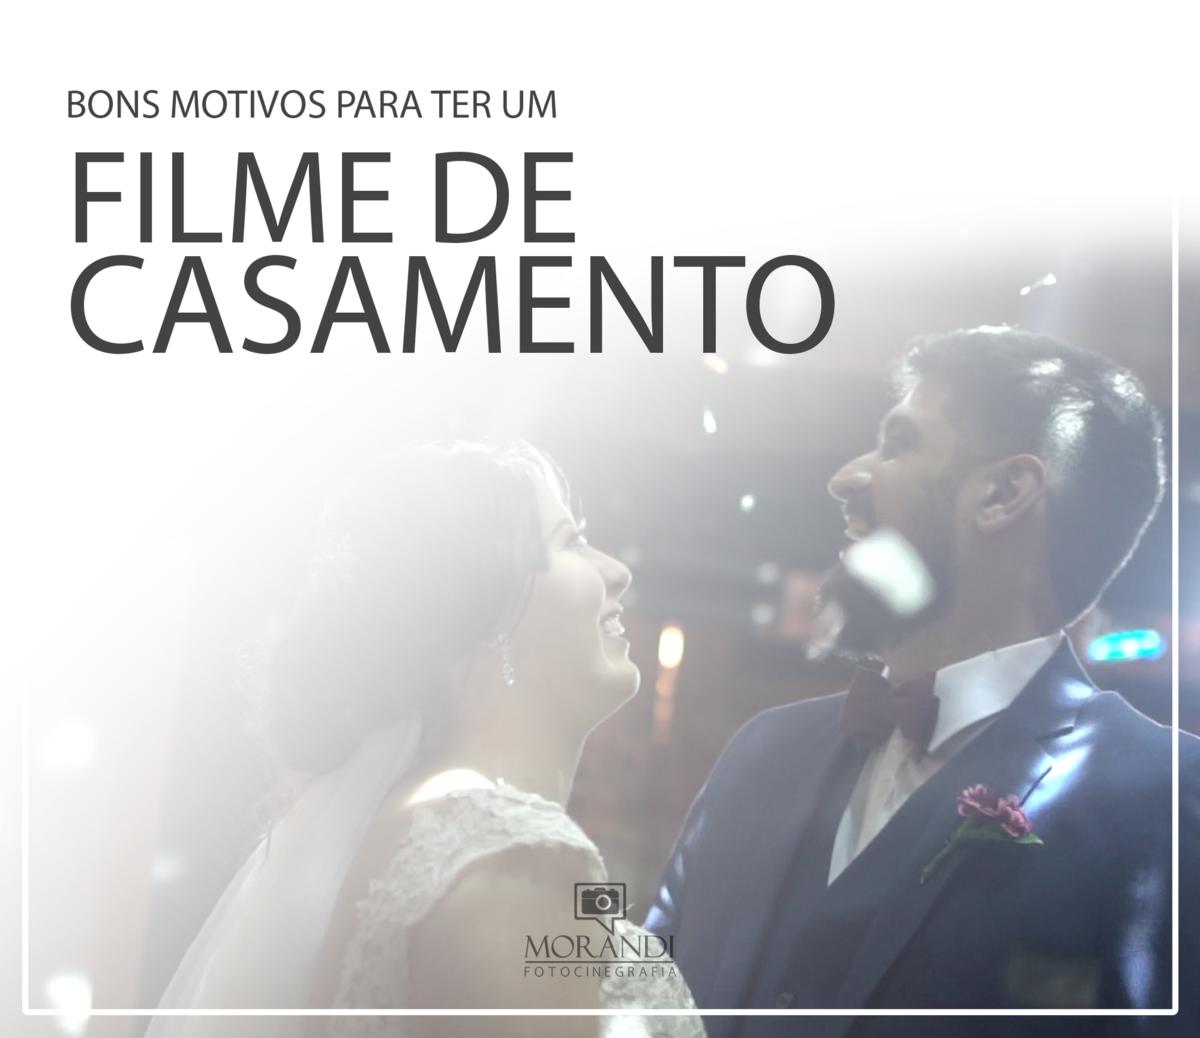 Imagem capa - Bons motivos para ter um filme de casamento por Morandi Fotocinegrafia